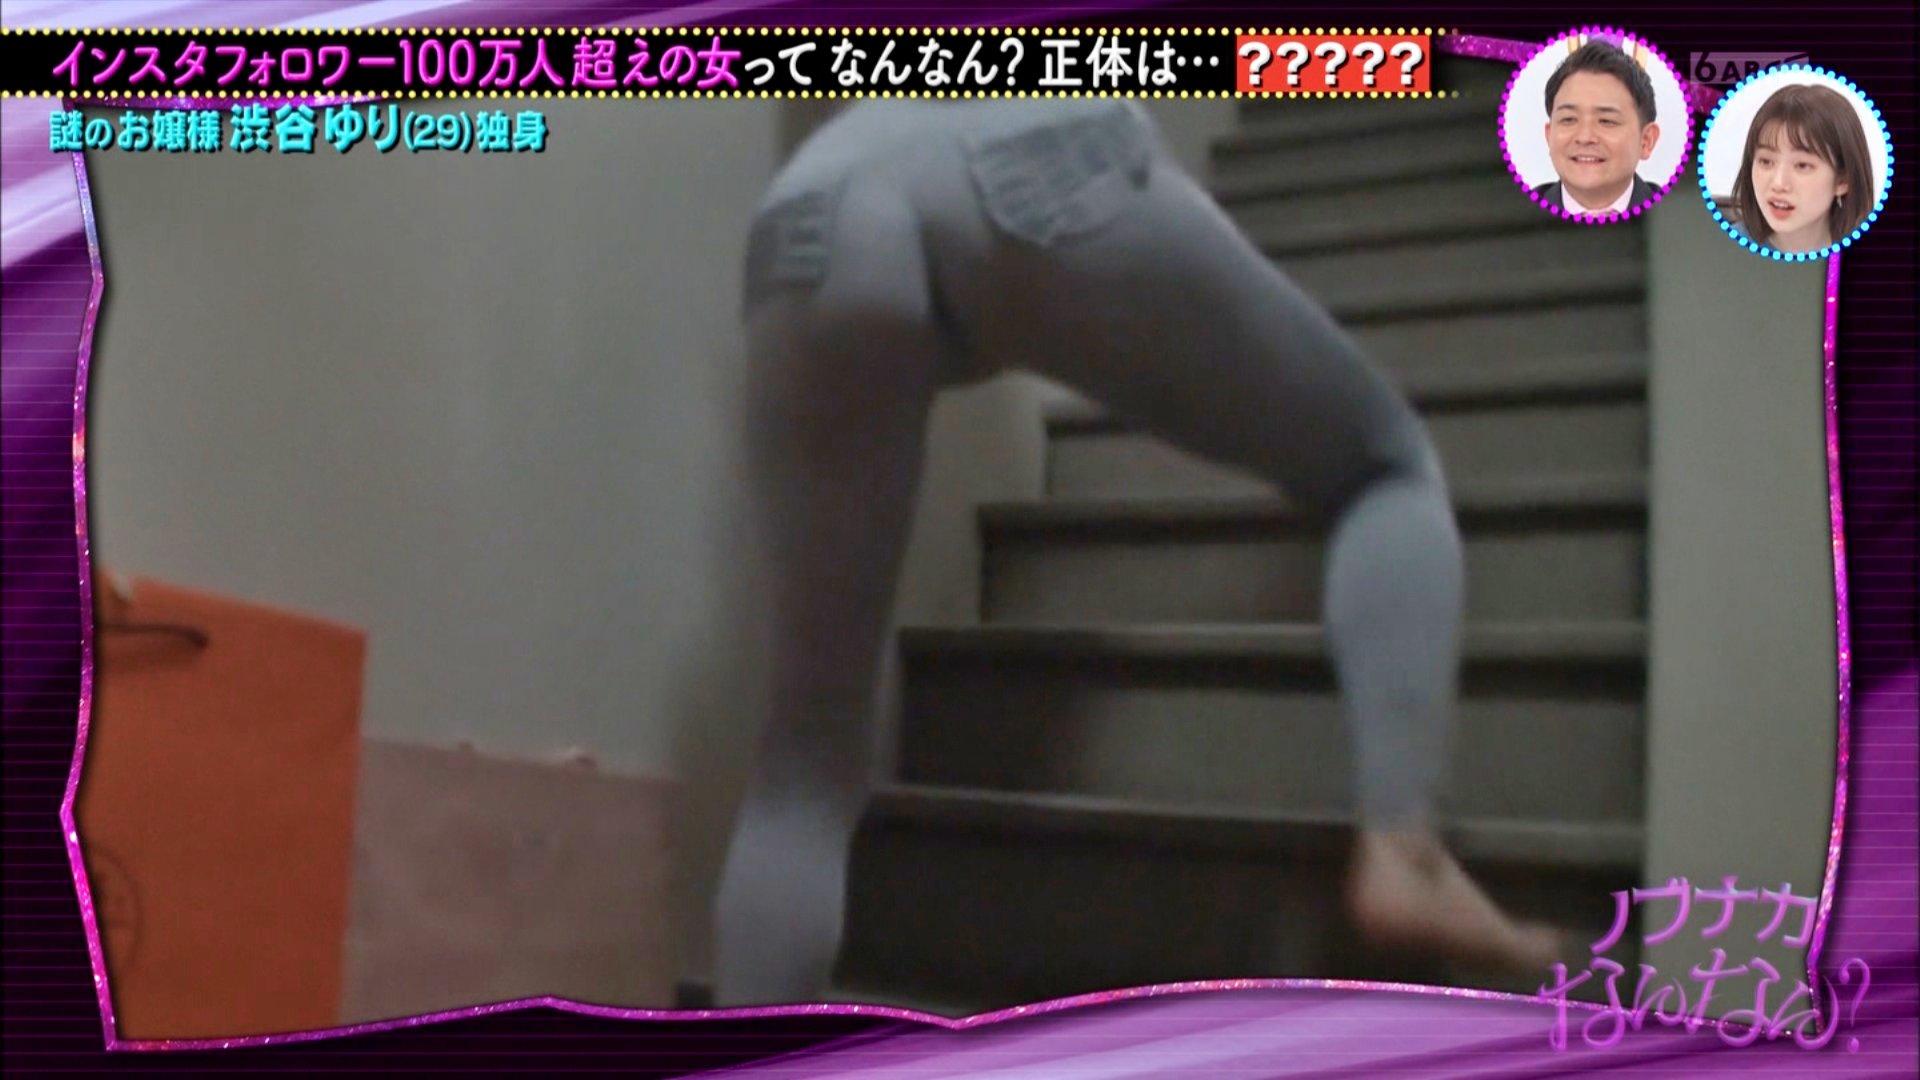 渋谷ゆり_インスタ美女_巨乳_巨尻_ノブナカなんなん?_06